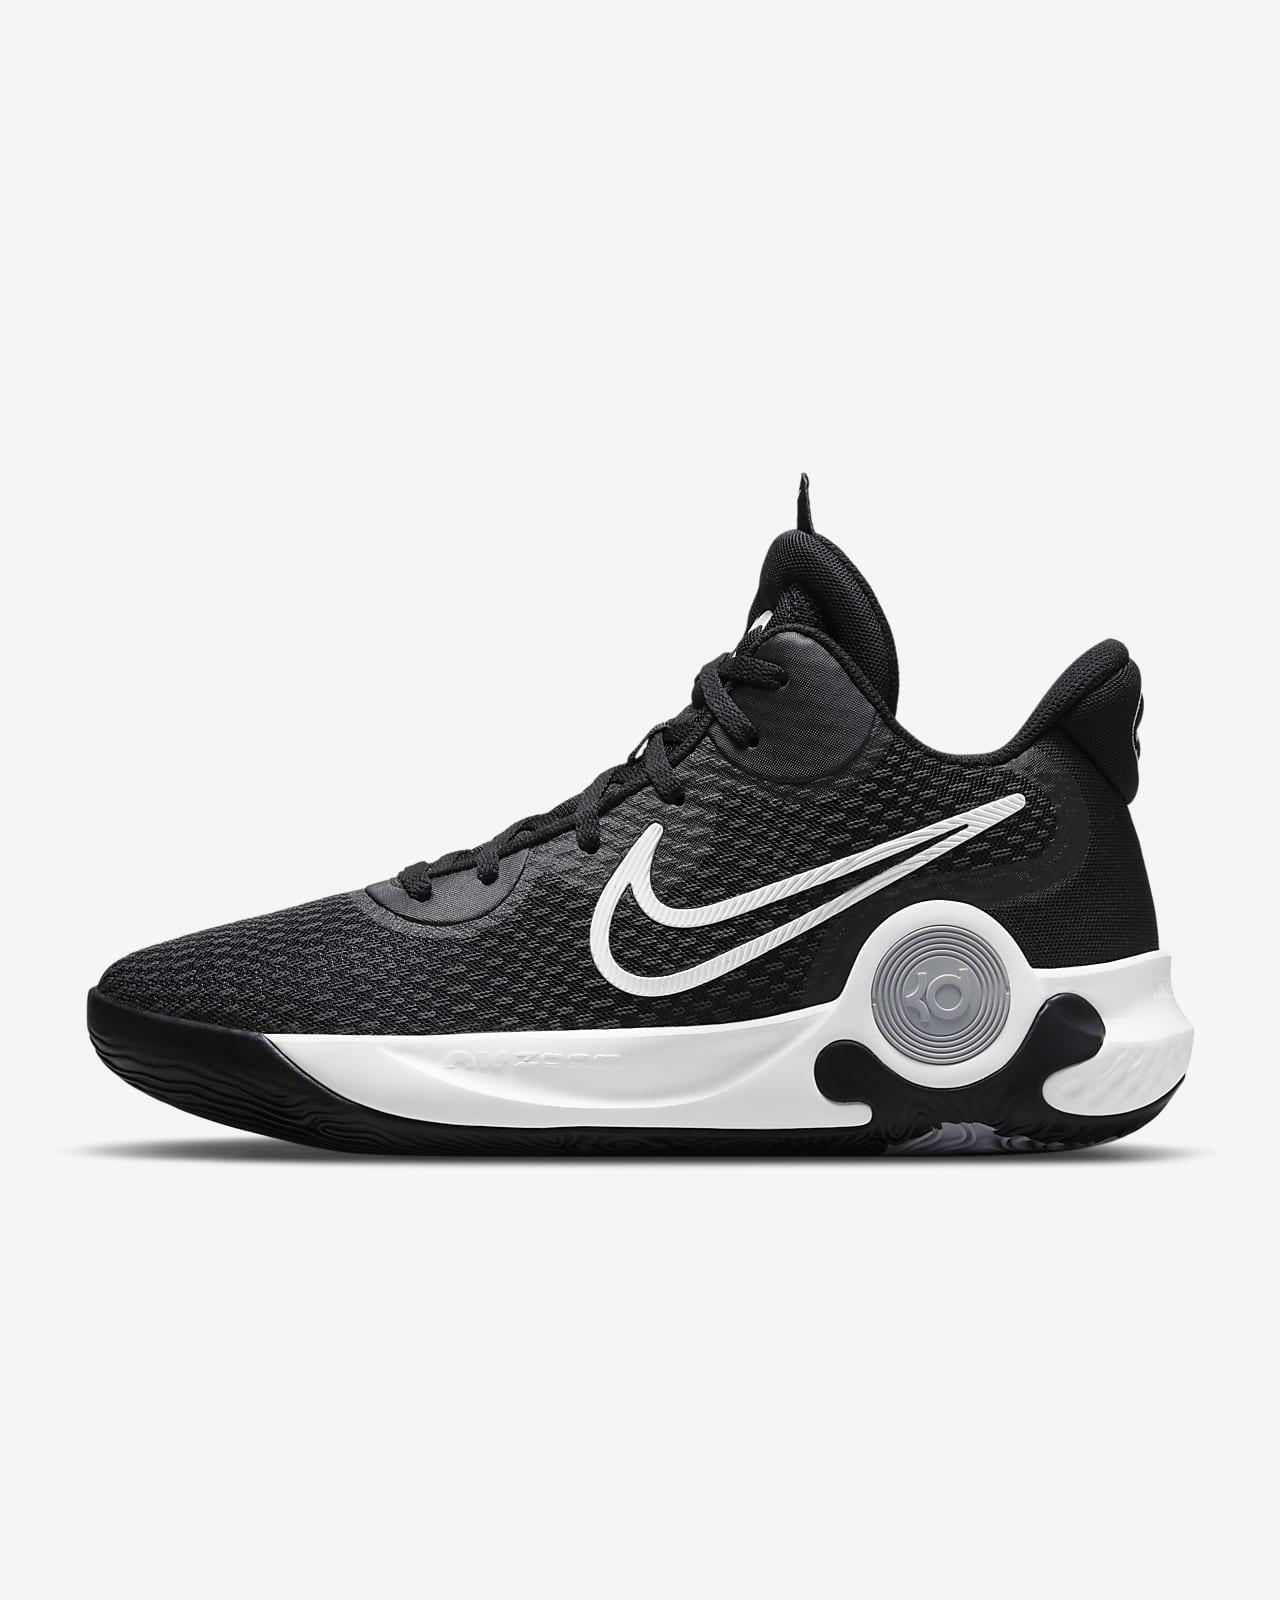 Buty do koszykówki KD Trey 5 IX